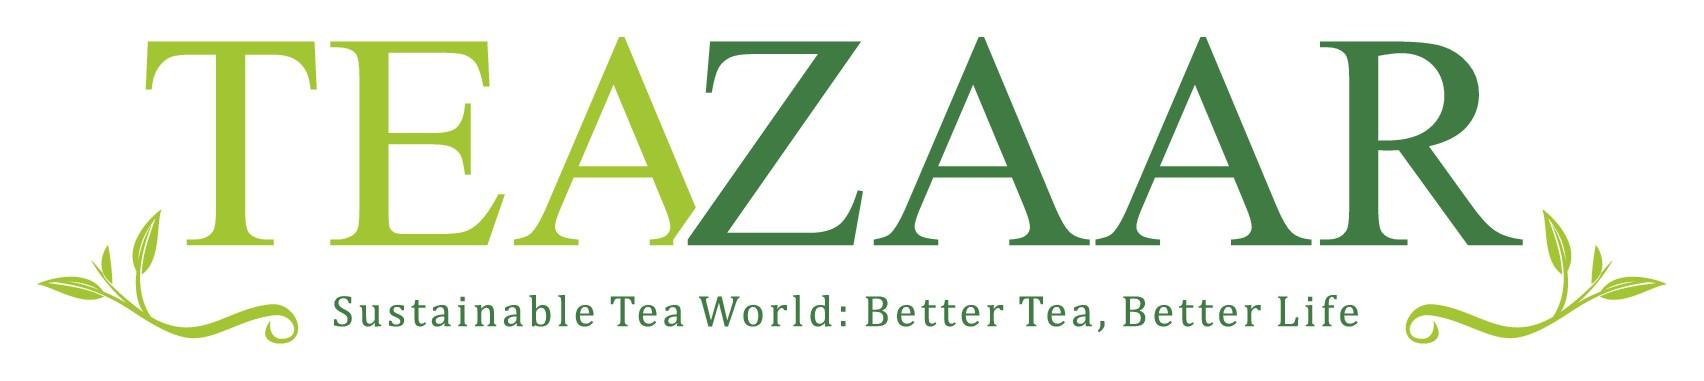 Create a logo for the future of tea.